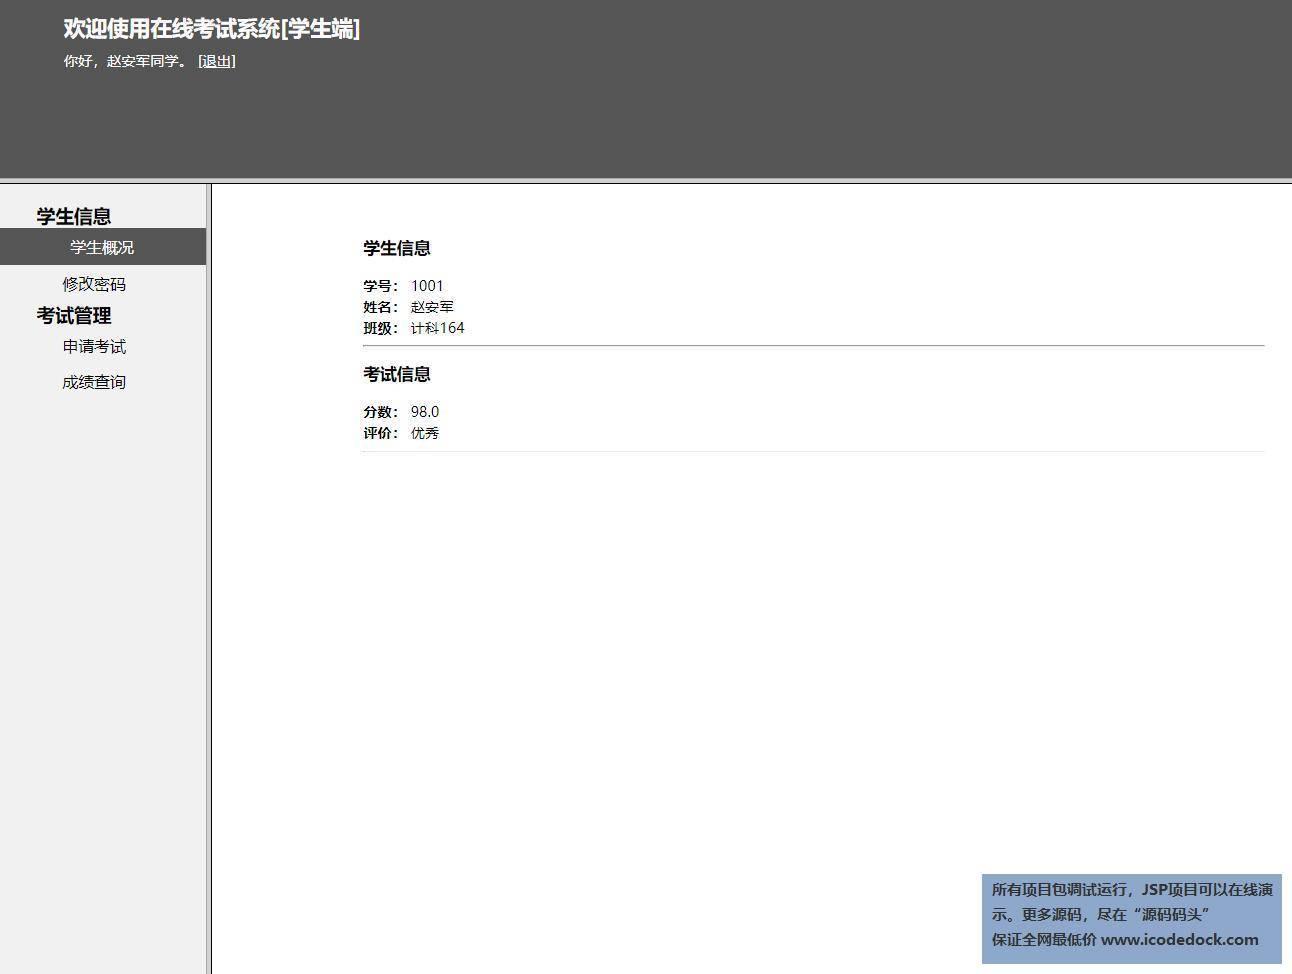 源码码头-JSP在线考试管理系统-学生角色-学生主页